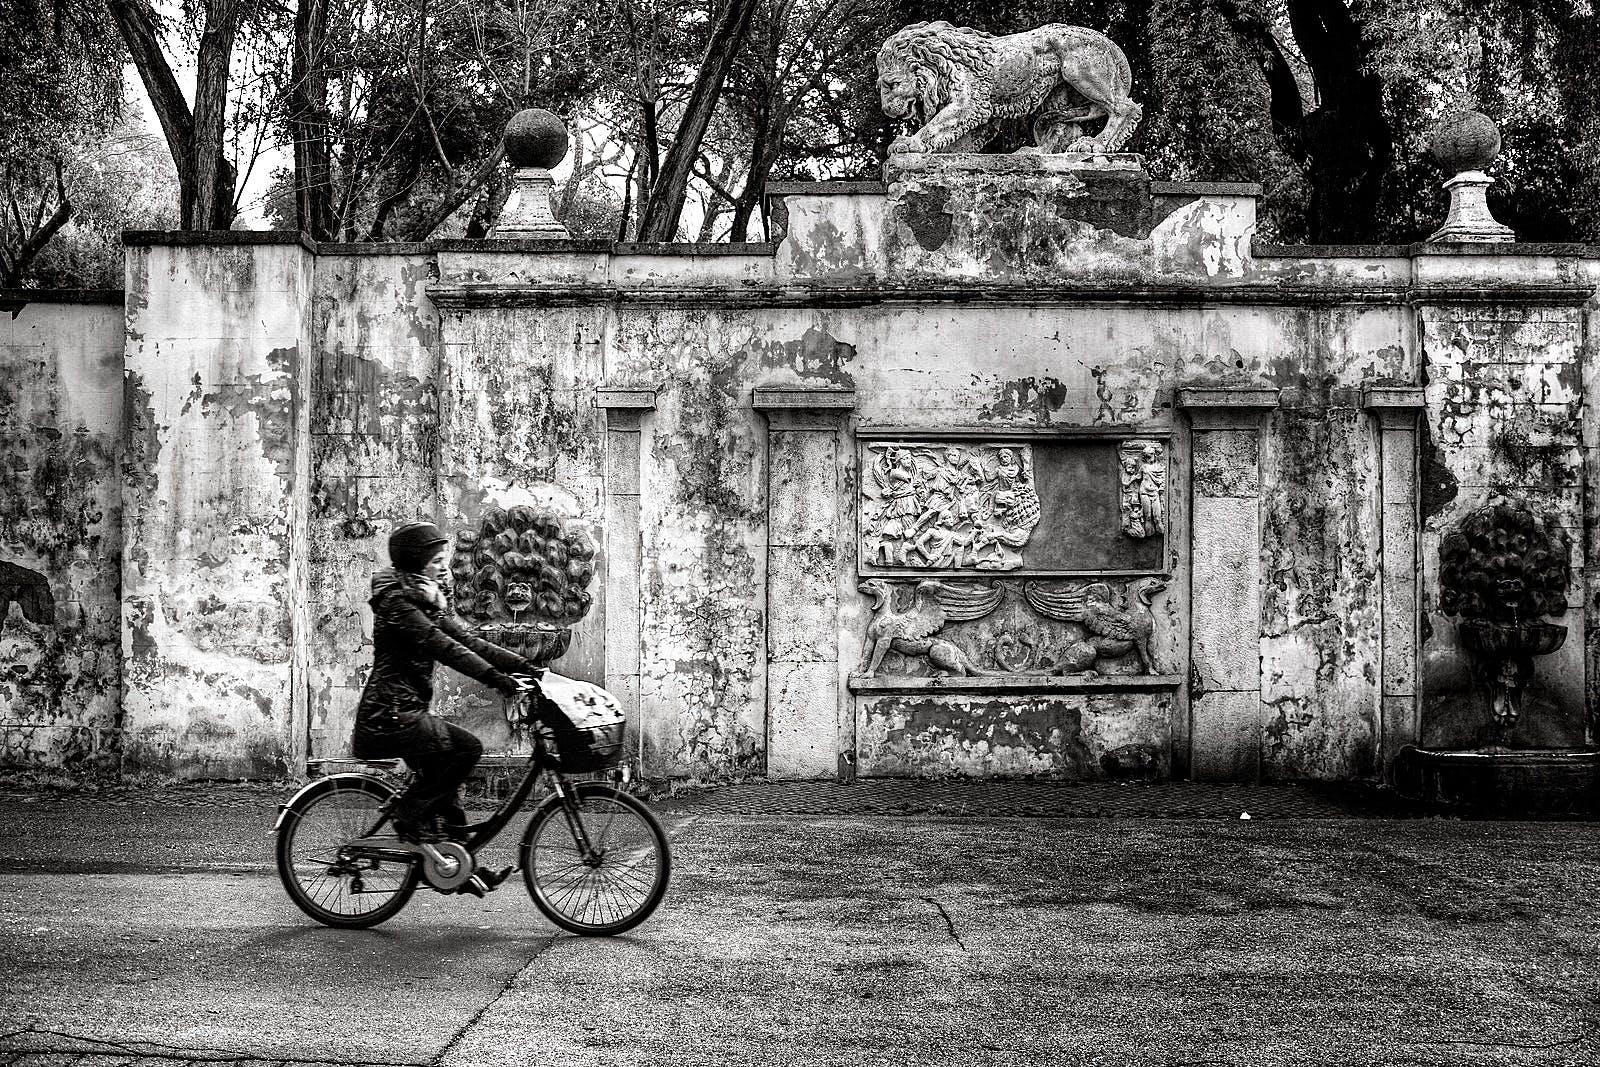 サイクリング, 女性, 白黒, 自転車の無料の写真素材